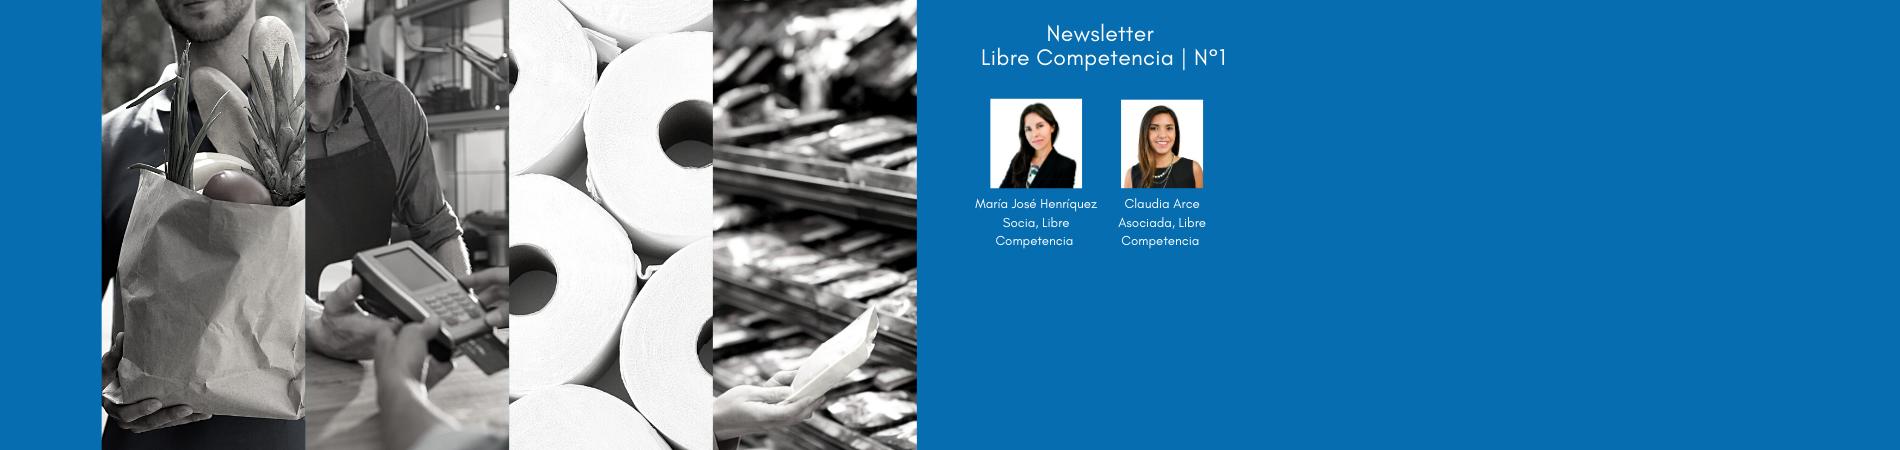 Newsletter Libre Competencia Nro. 1 – Primer Semestre 2020